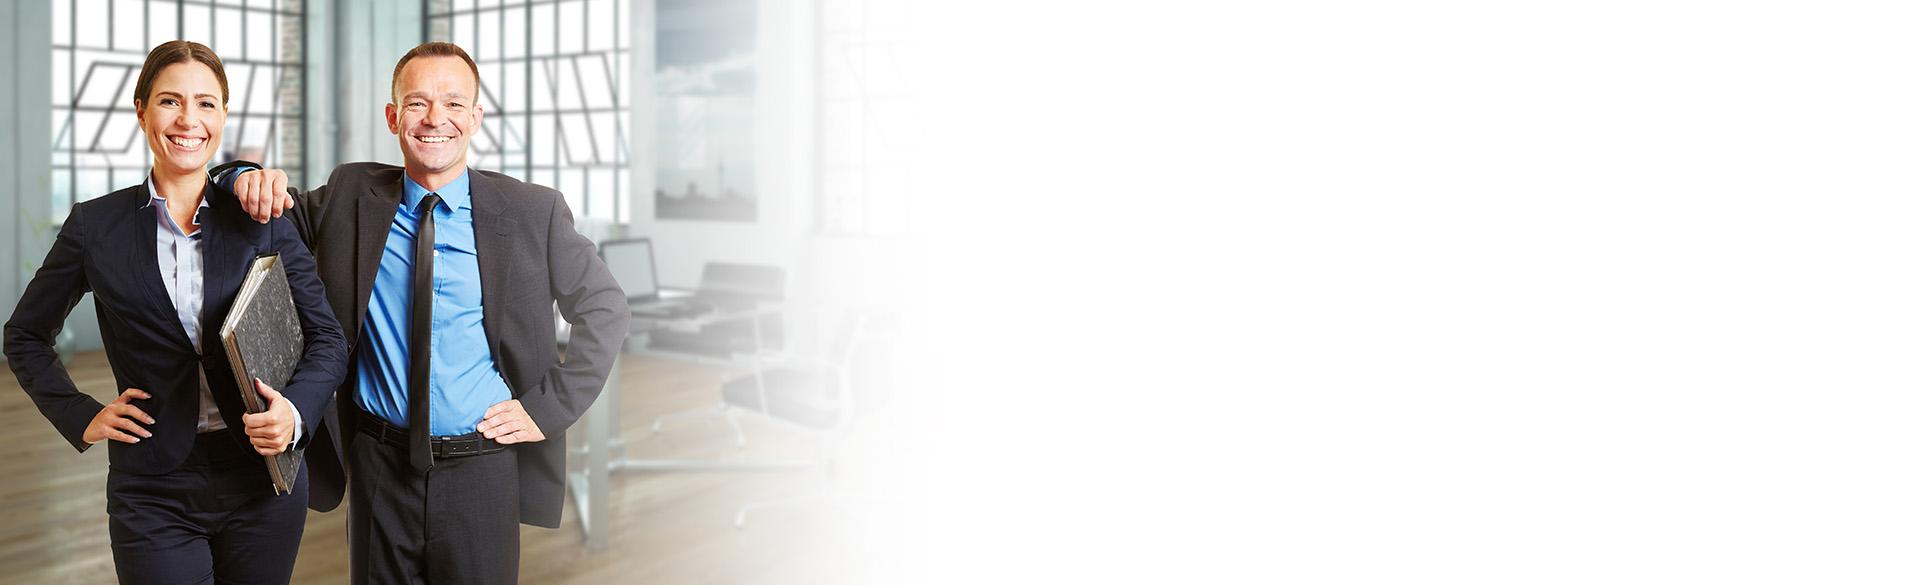 Unternehmensverkauf eines Dienstleistungsunternehmen durch Experten von Unternehmens-Broker